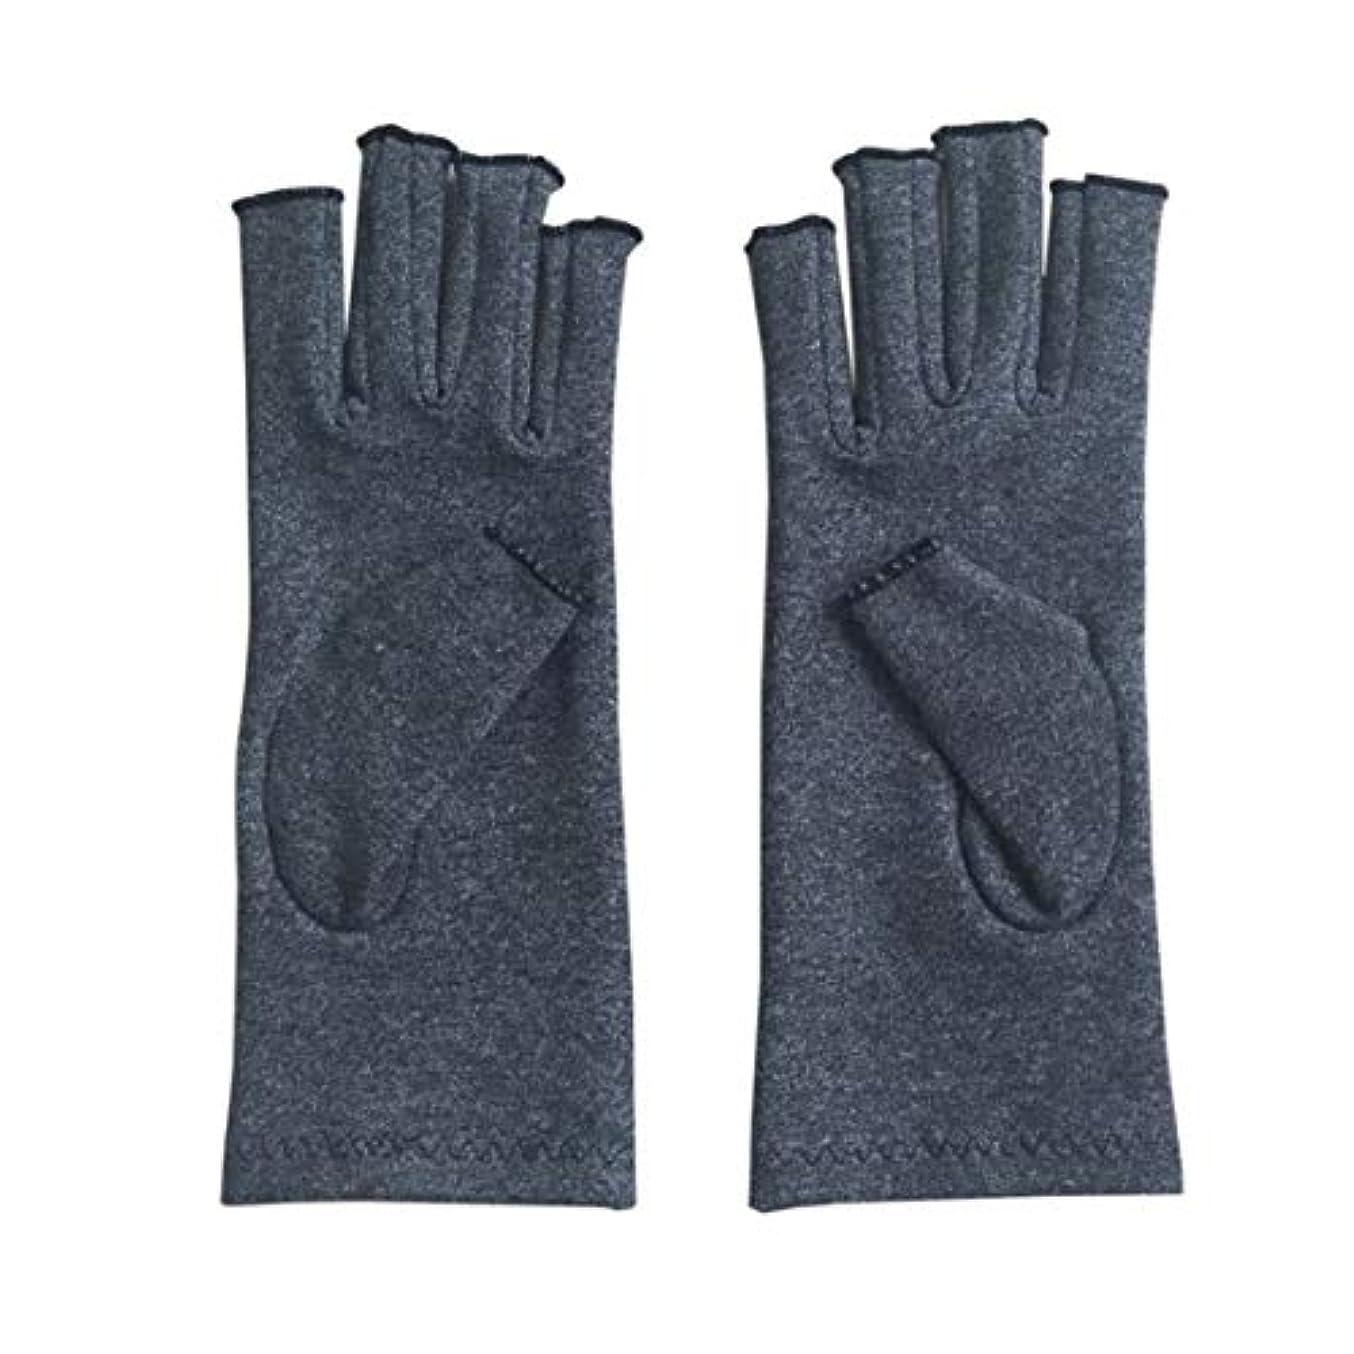 透けるテーマ万一に備えてペア/セット快適な男性女性療法圧縮手袋無地通気性関節炎関節痛緩和手袋 - グレーM